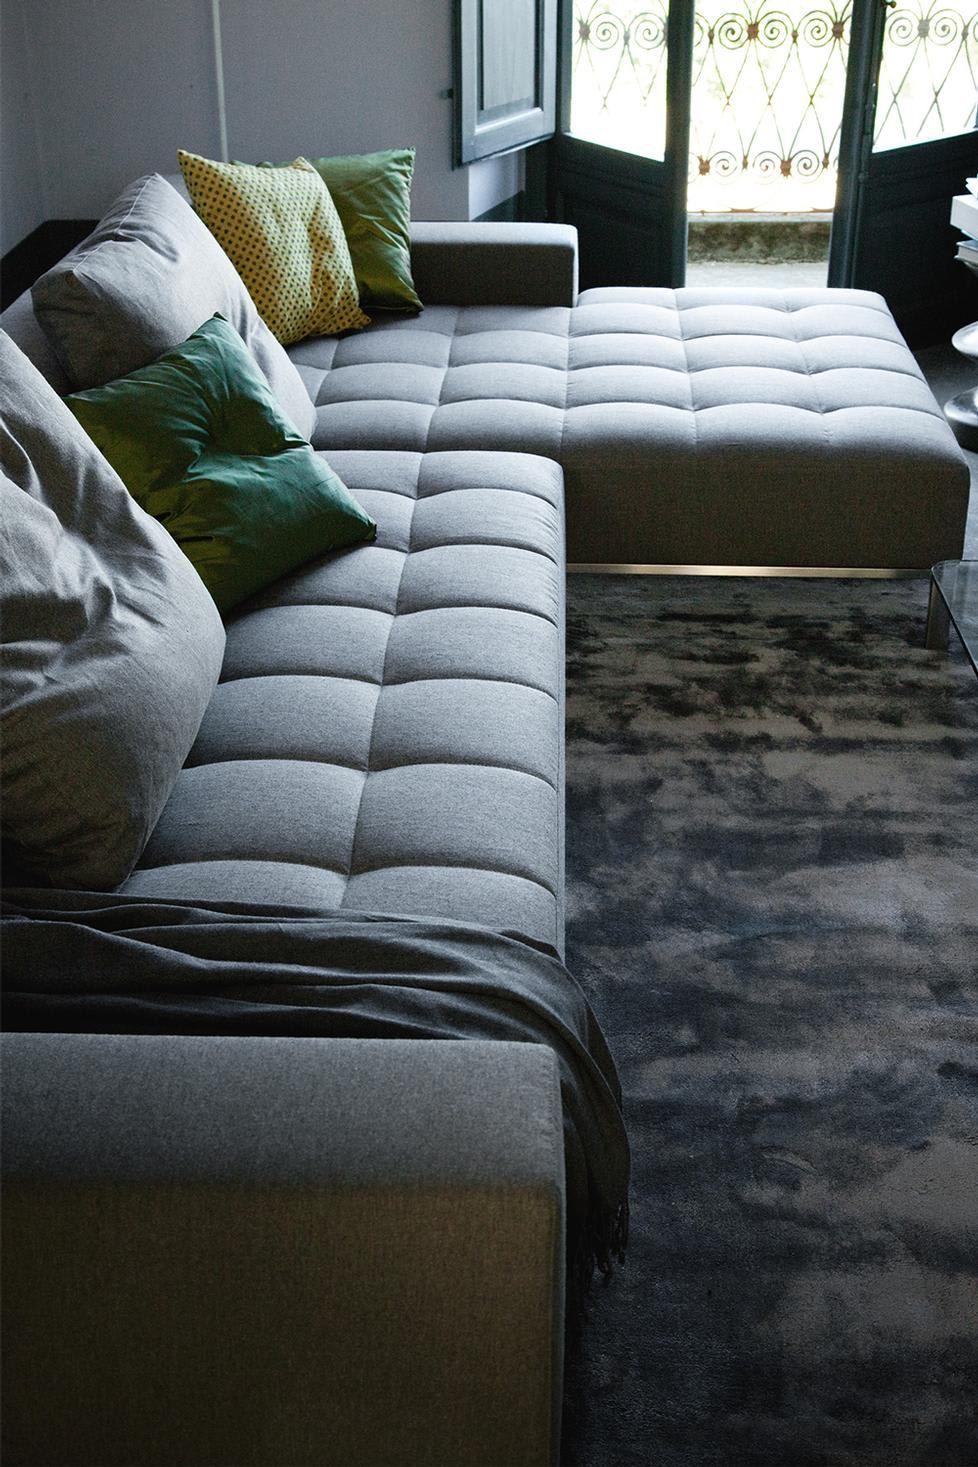 Fabelhaft Sofa Mit Abnehmbaren Bezug Galerie Von Versandkostenfrei Neutural Bestellen: Sehr Elegantes Alfa Von